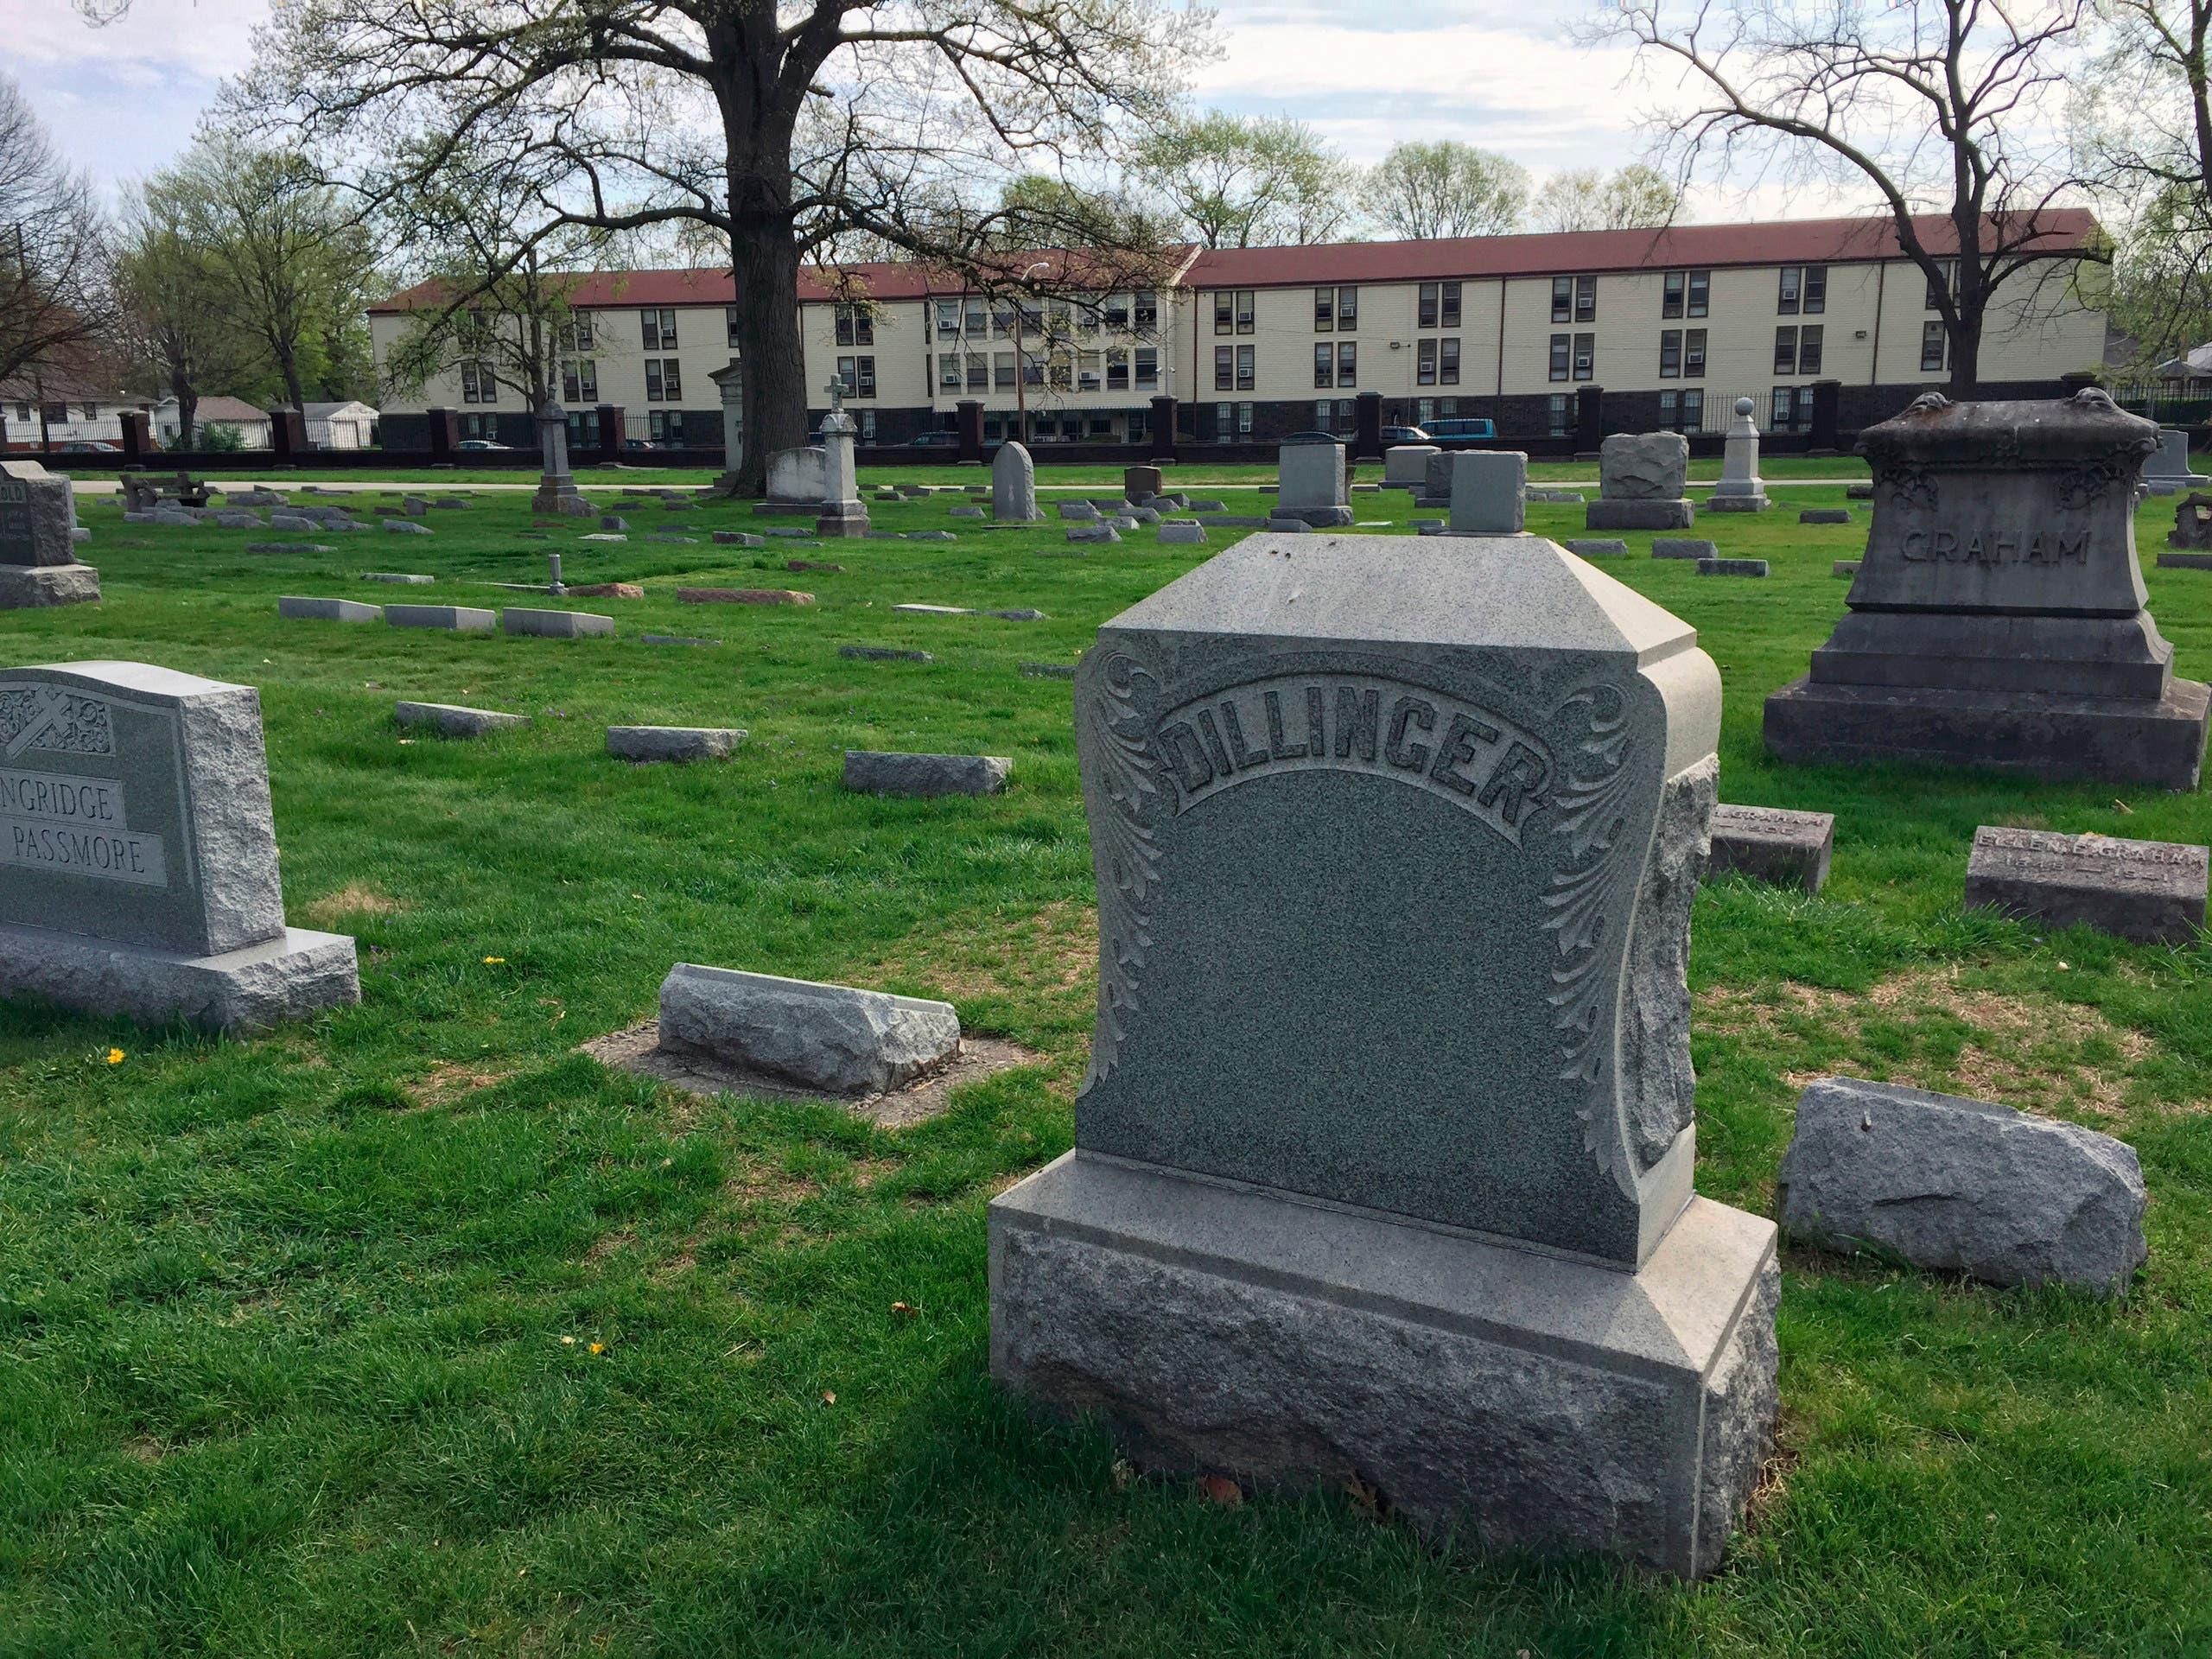 قبر جون ديلينجر